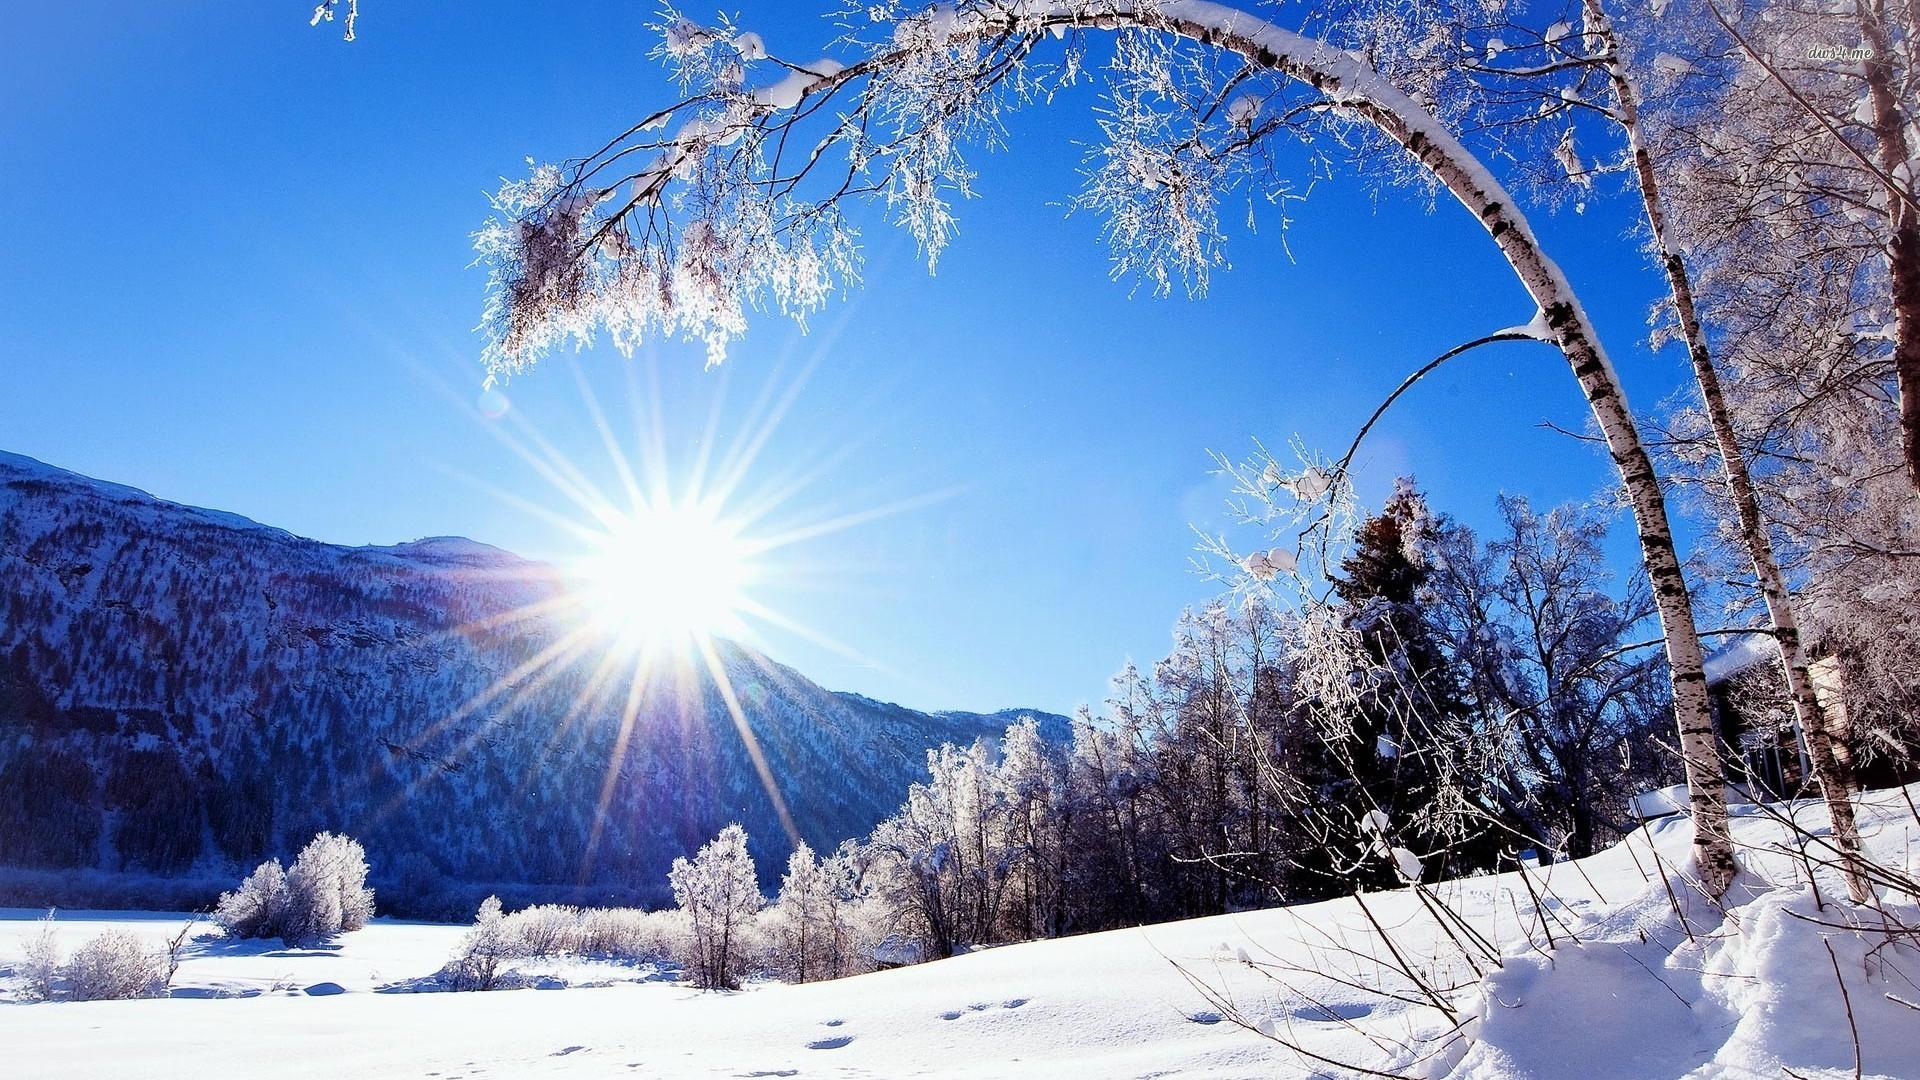 Winter Landscape Wallpaper 80 Pictures